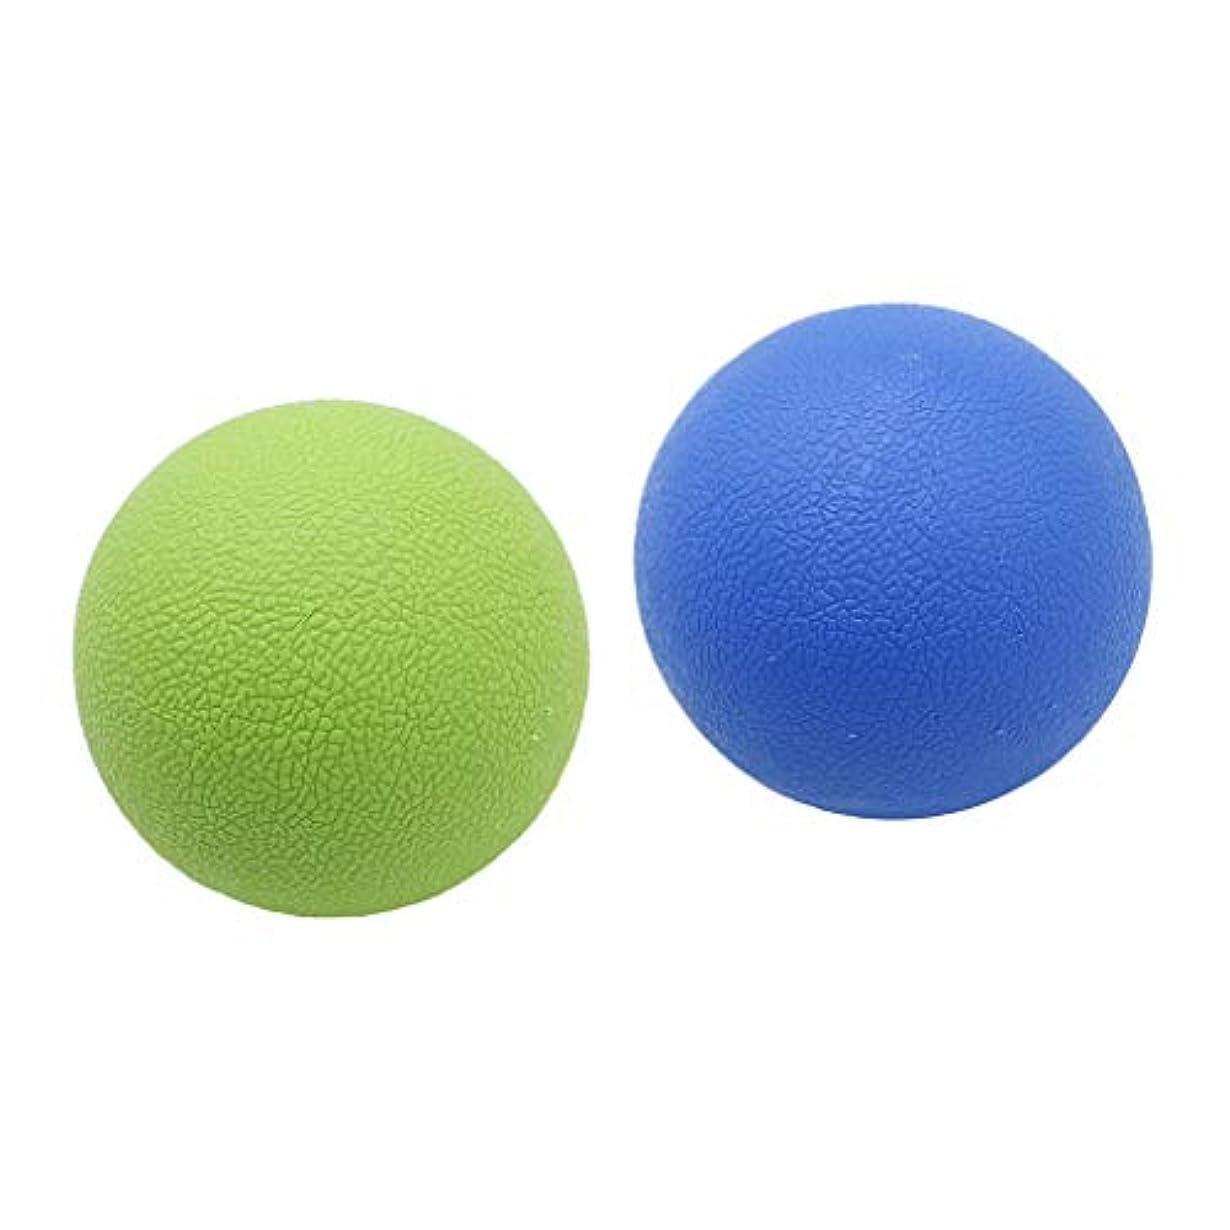 協力記録ソーダ水Hellery 2個 マッサージボール ラクロスボール トリガーポイント 弾性TPE 健康グッズ ブルーグリーン